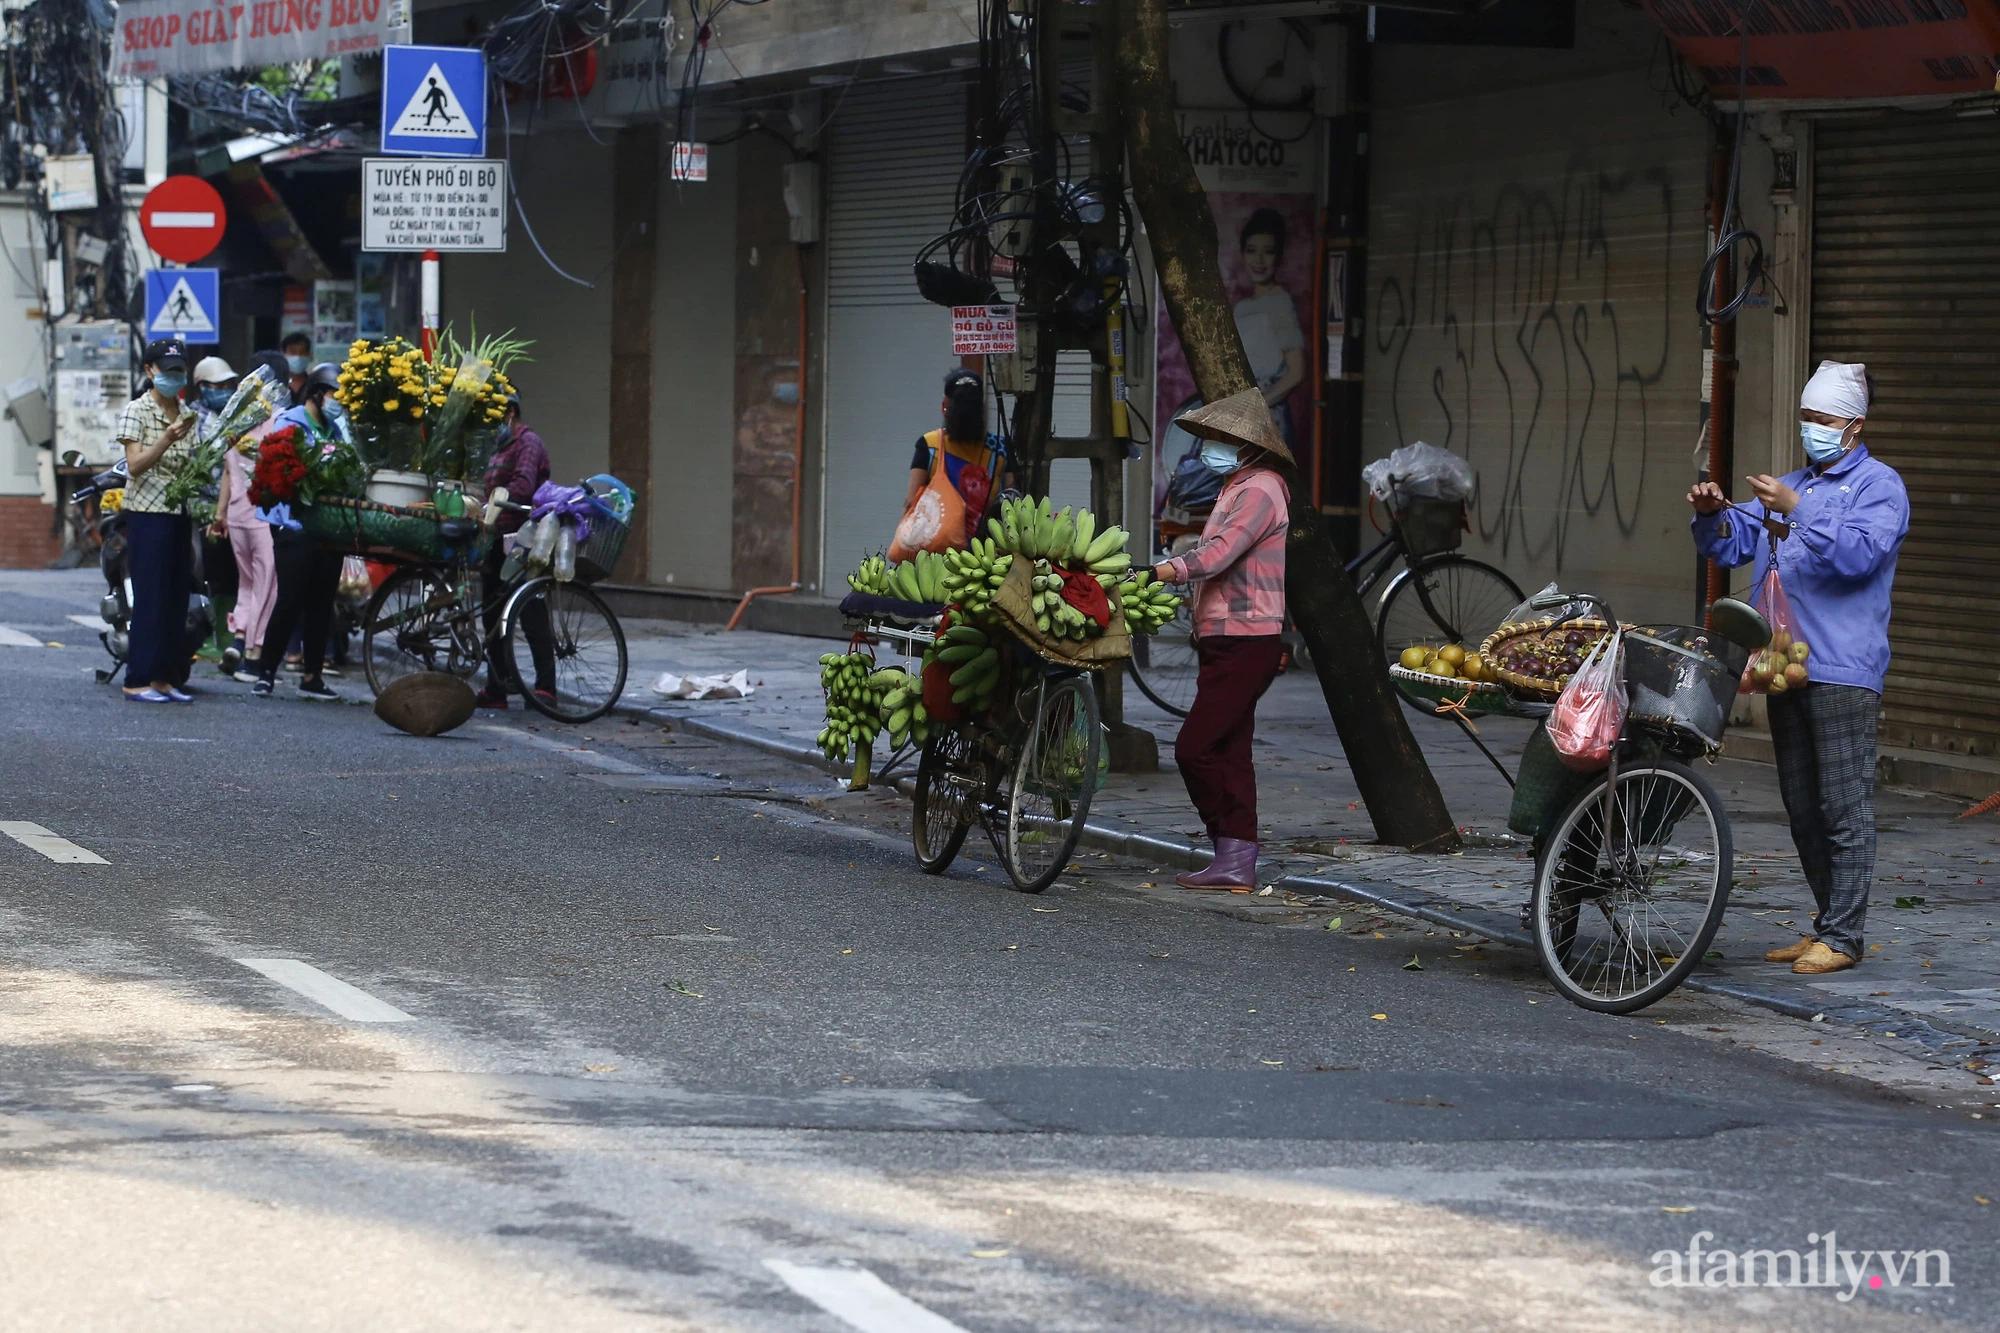 Buổi sáng đầu tiên cách ly toàn xã hội, đường phố Hà Nội vắng vẻ, người dân chỉ tập trung đông tại một số khu chợ để mua đồ ăn uống, sinh hoạt cho những ngày sắp tới - Ảnh 14.